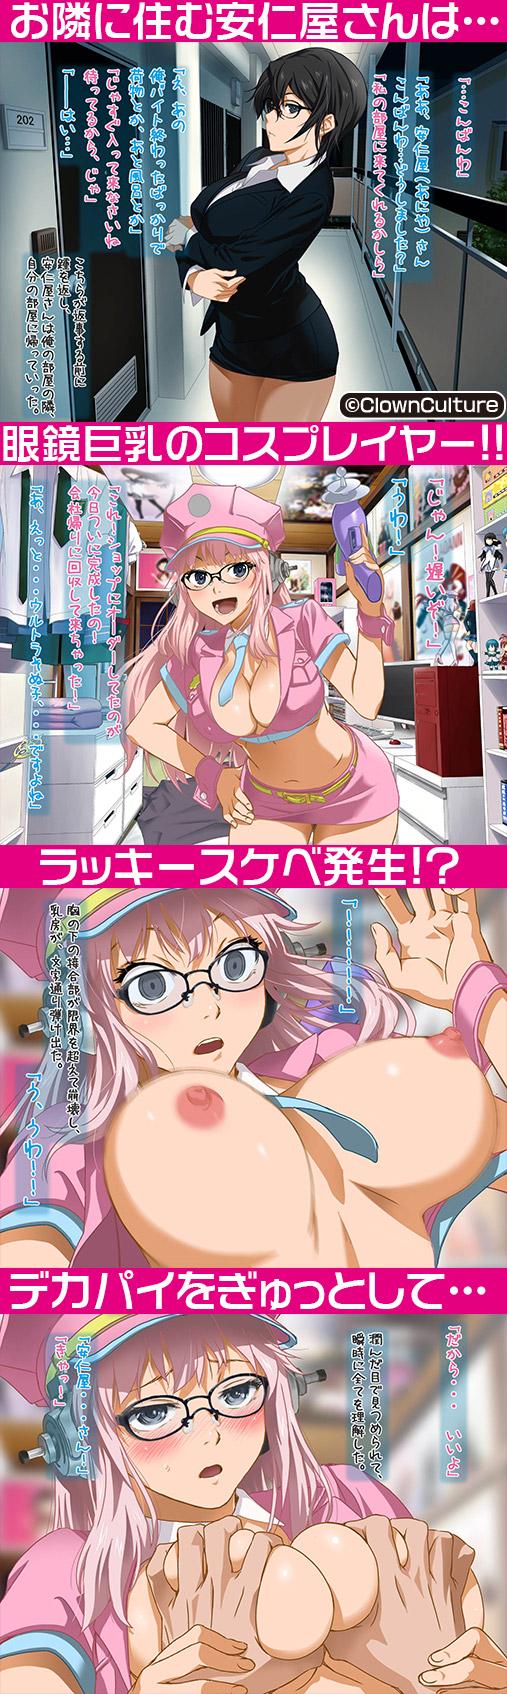 お隣に住む安仁屋さんは眼鏡巨乳のコスプレイヤー!